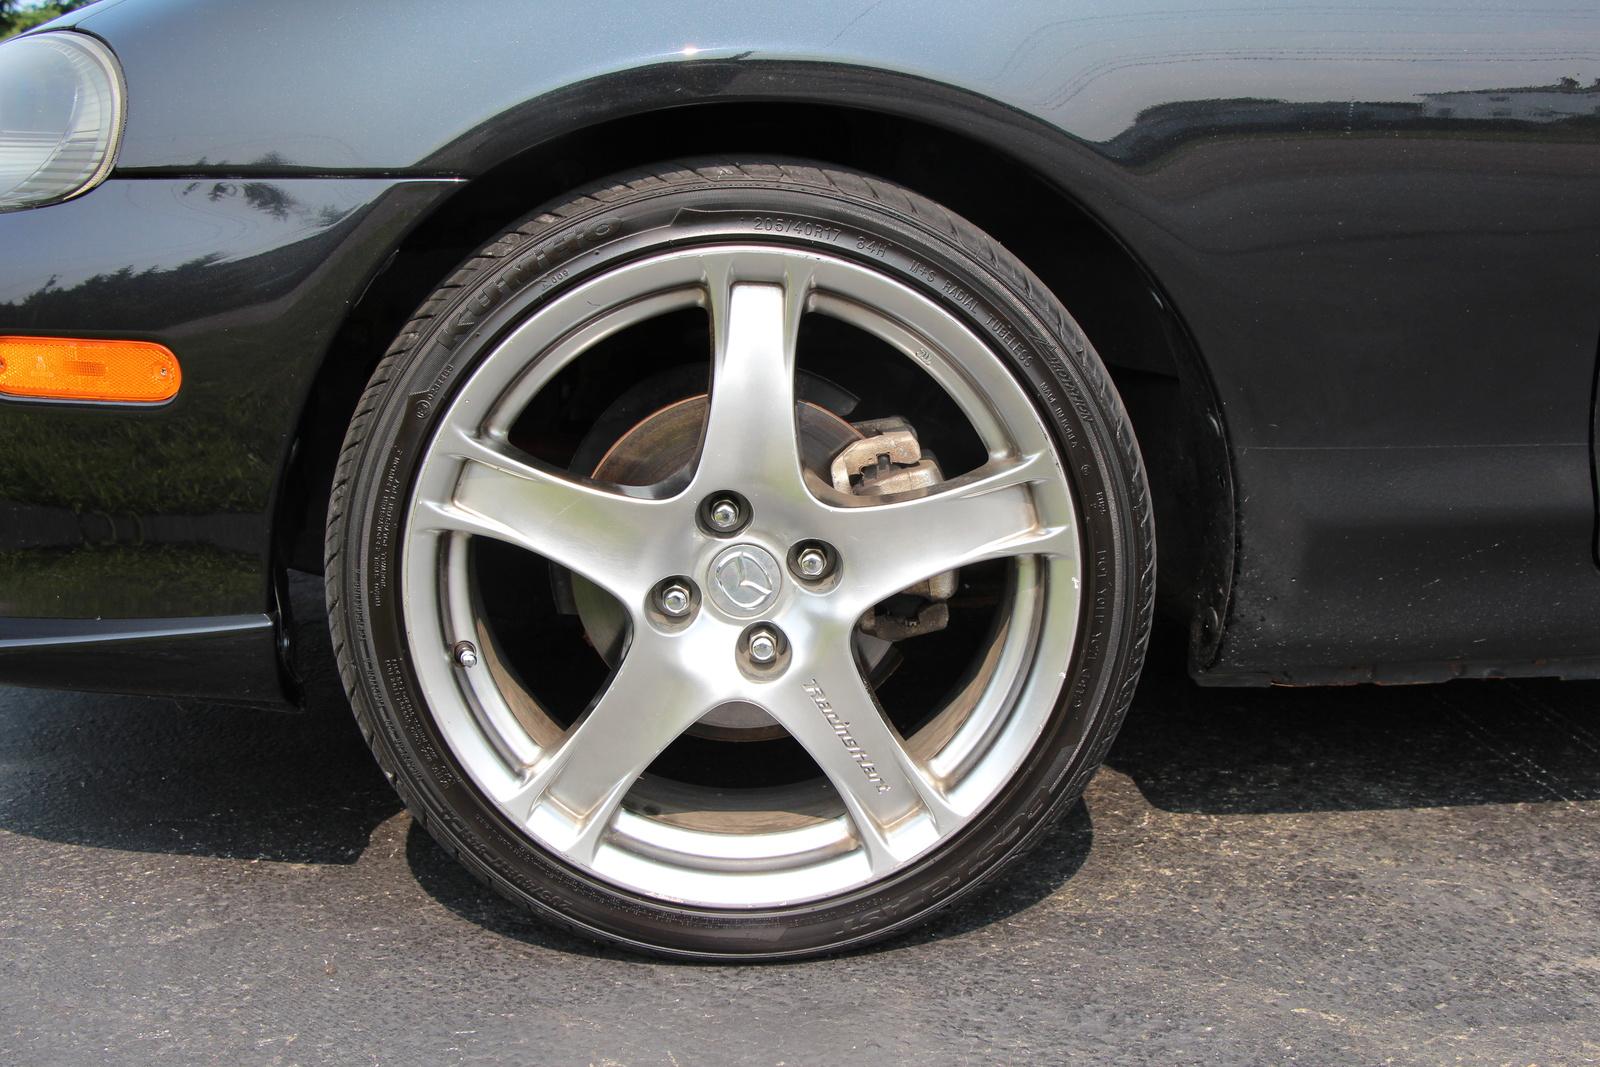 2005 Mazda MAZDASPEED MX-5 Miata